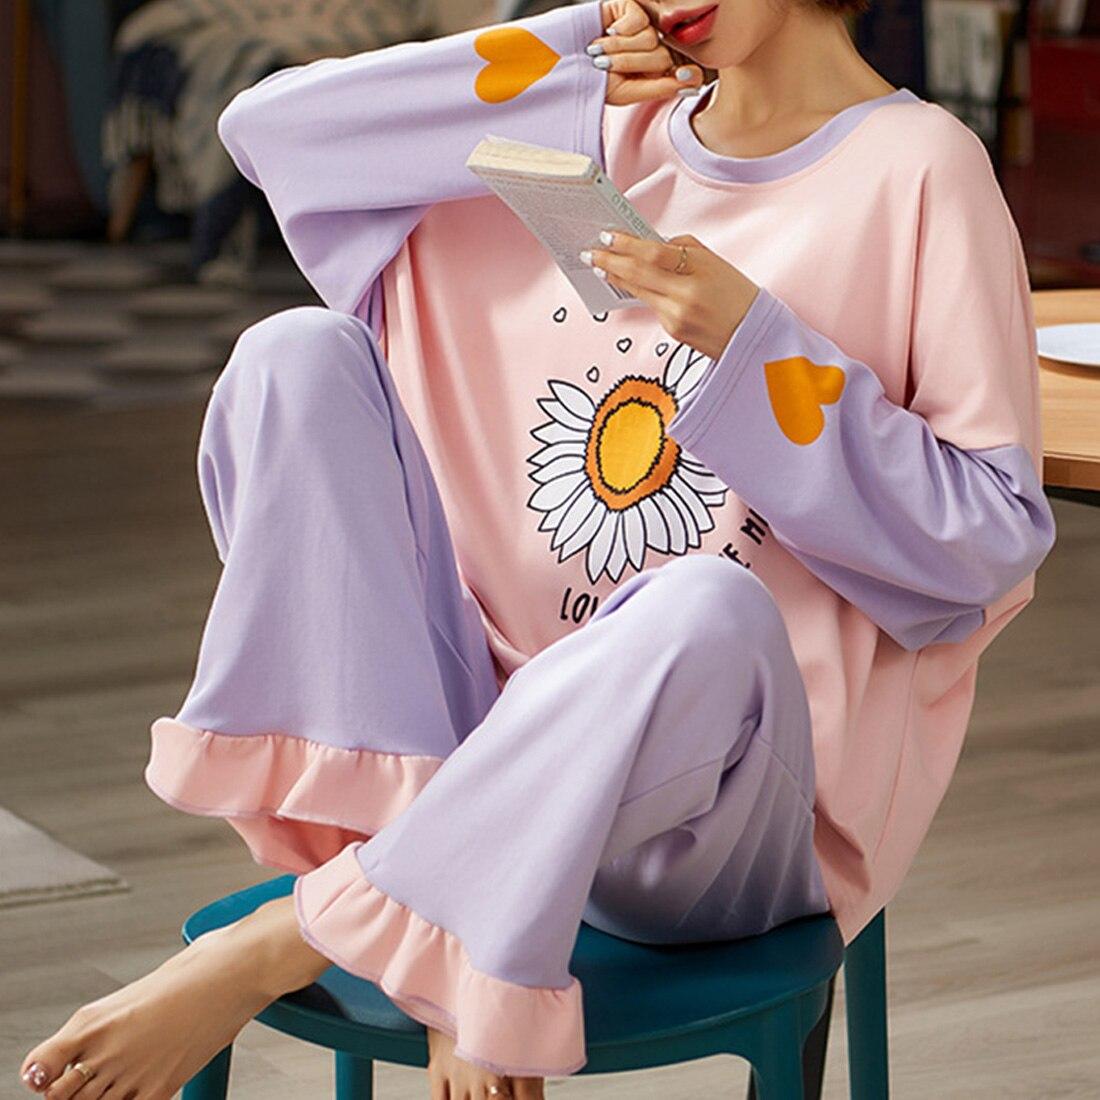 Женские пижамные комплекты Jodimitty, Осенние тонкие пижамы с длинными рукавами и милым принтом, пижамы для больших девочек, 2 шт., Mujer, Студенческая Пижама для отдыха Комплекты пижам      АлиЭкспресс